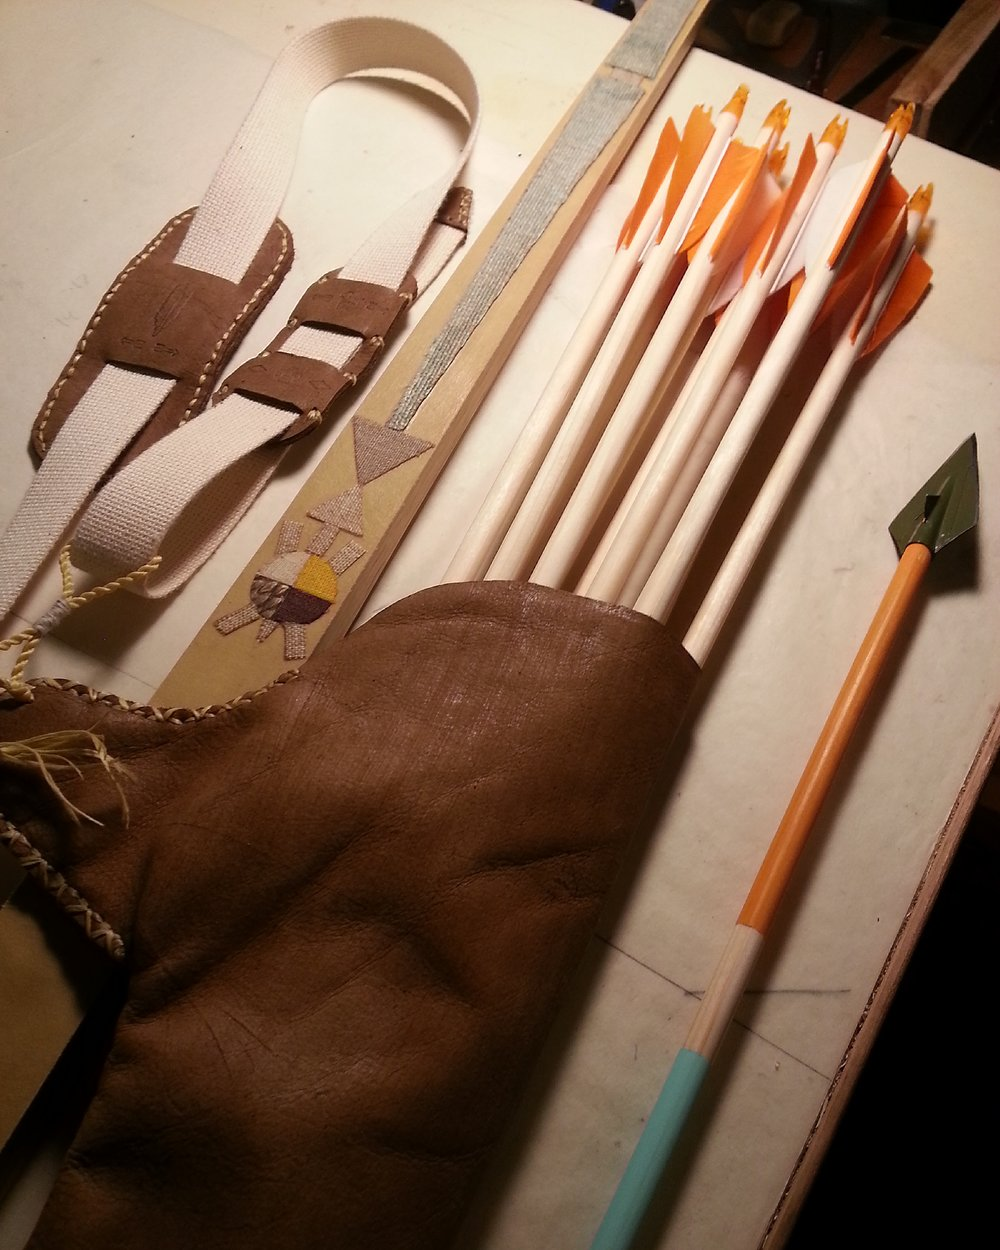 A complete set from JKramer Studio